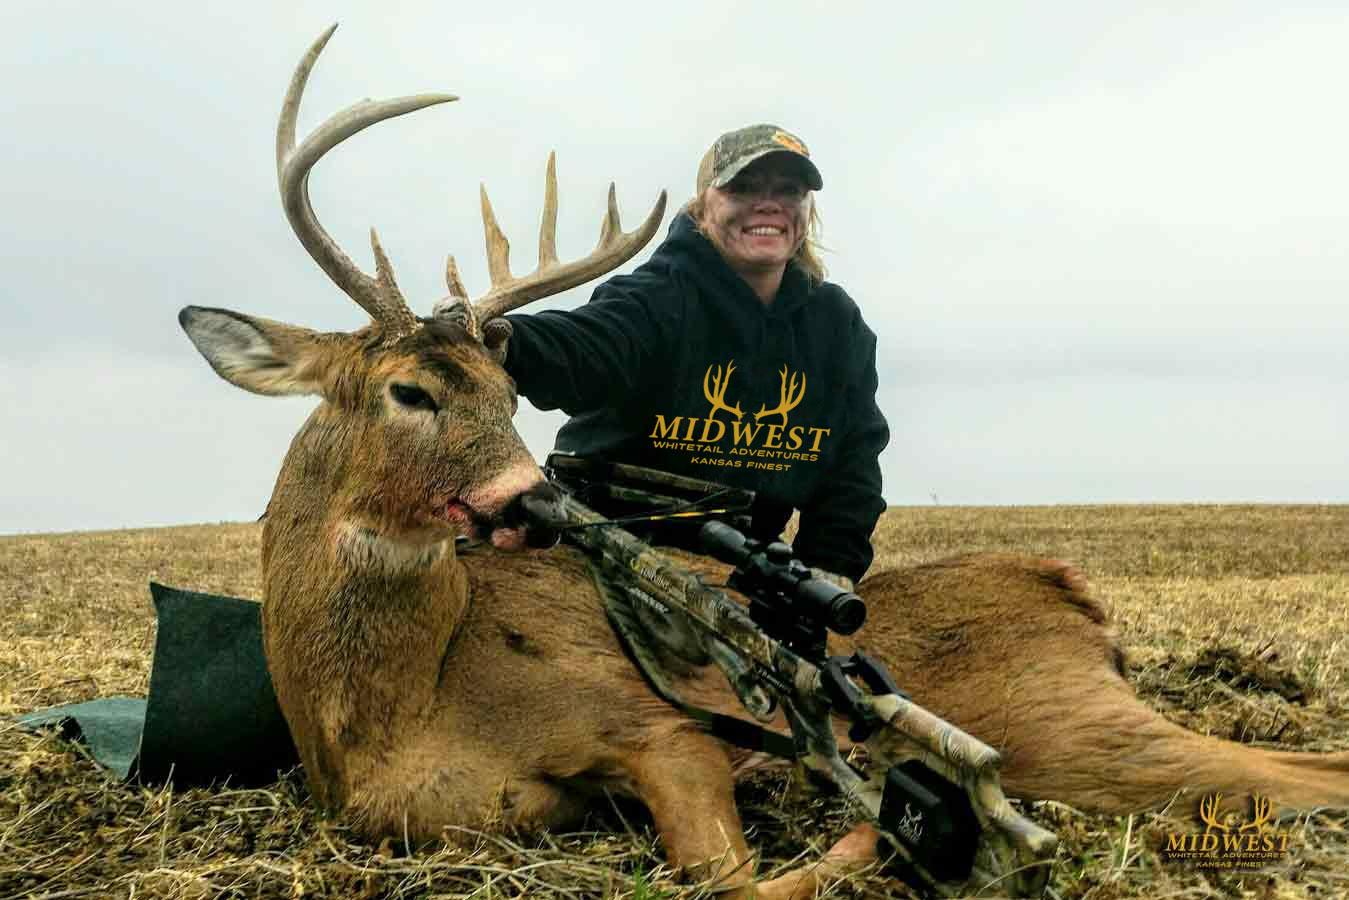 Kansas Deer Hunts - Midwest Whitetail Adventures regarding 2021 Kansas Whitetail Rut Prediction